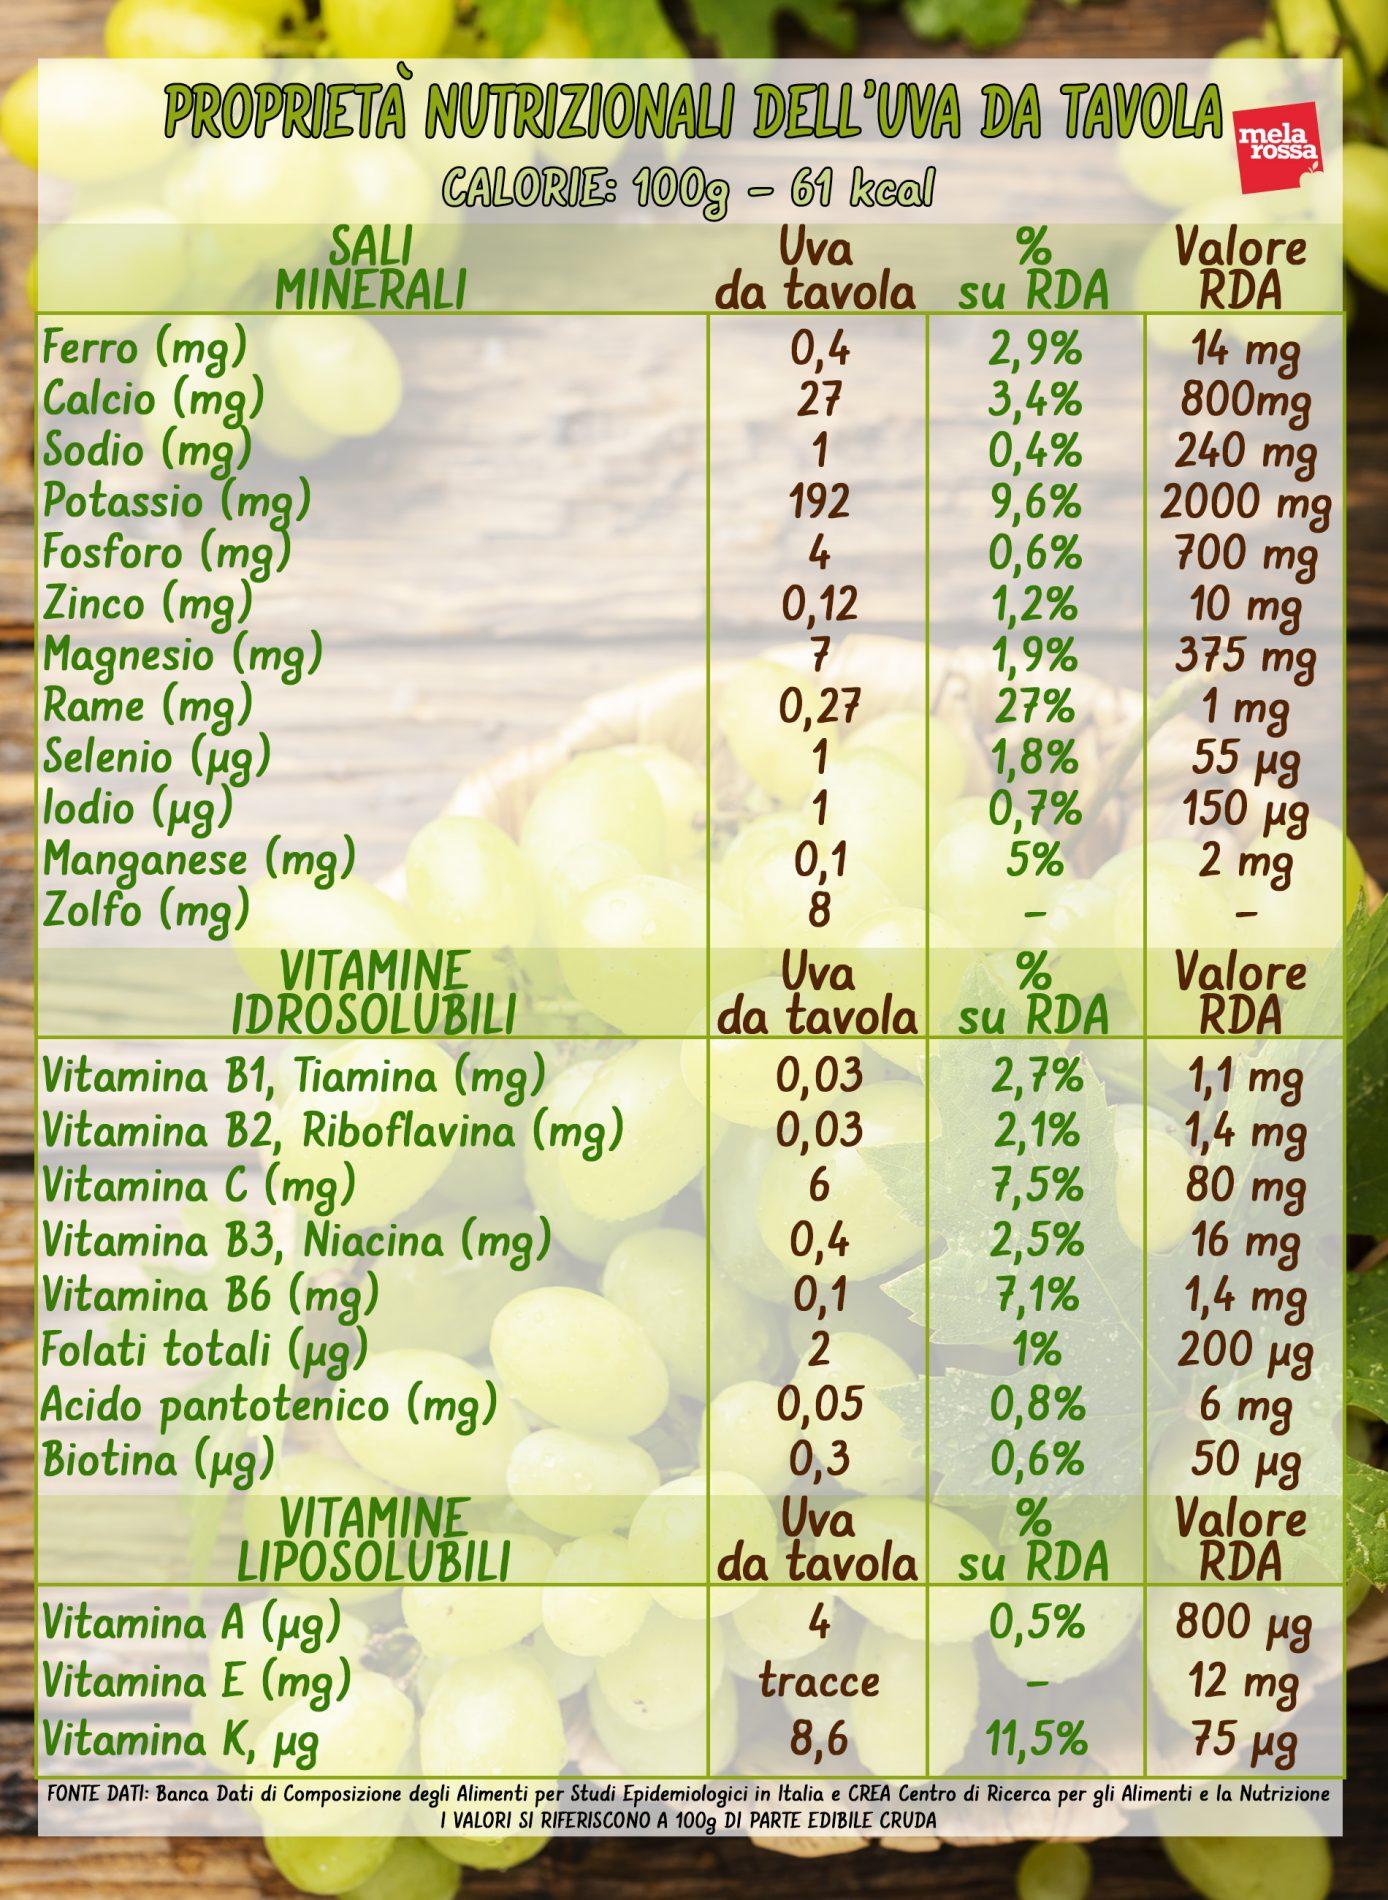 valores nutricionales de la uva